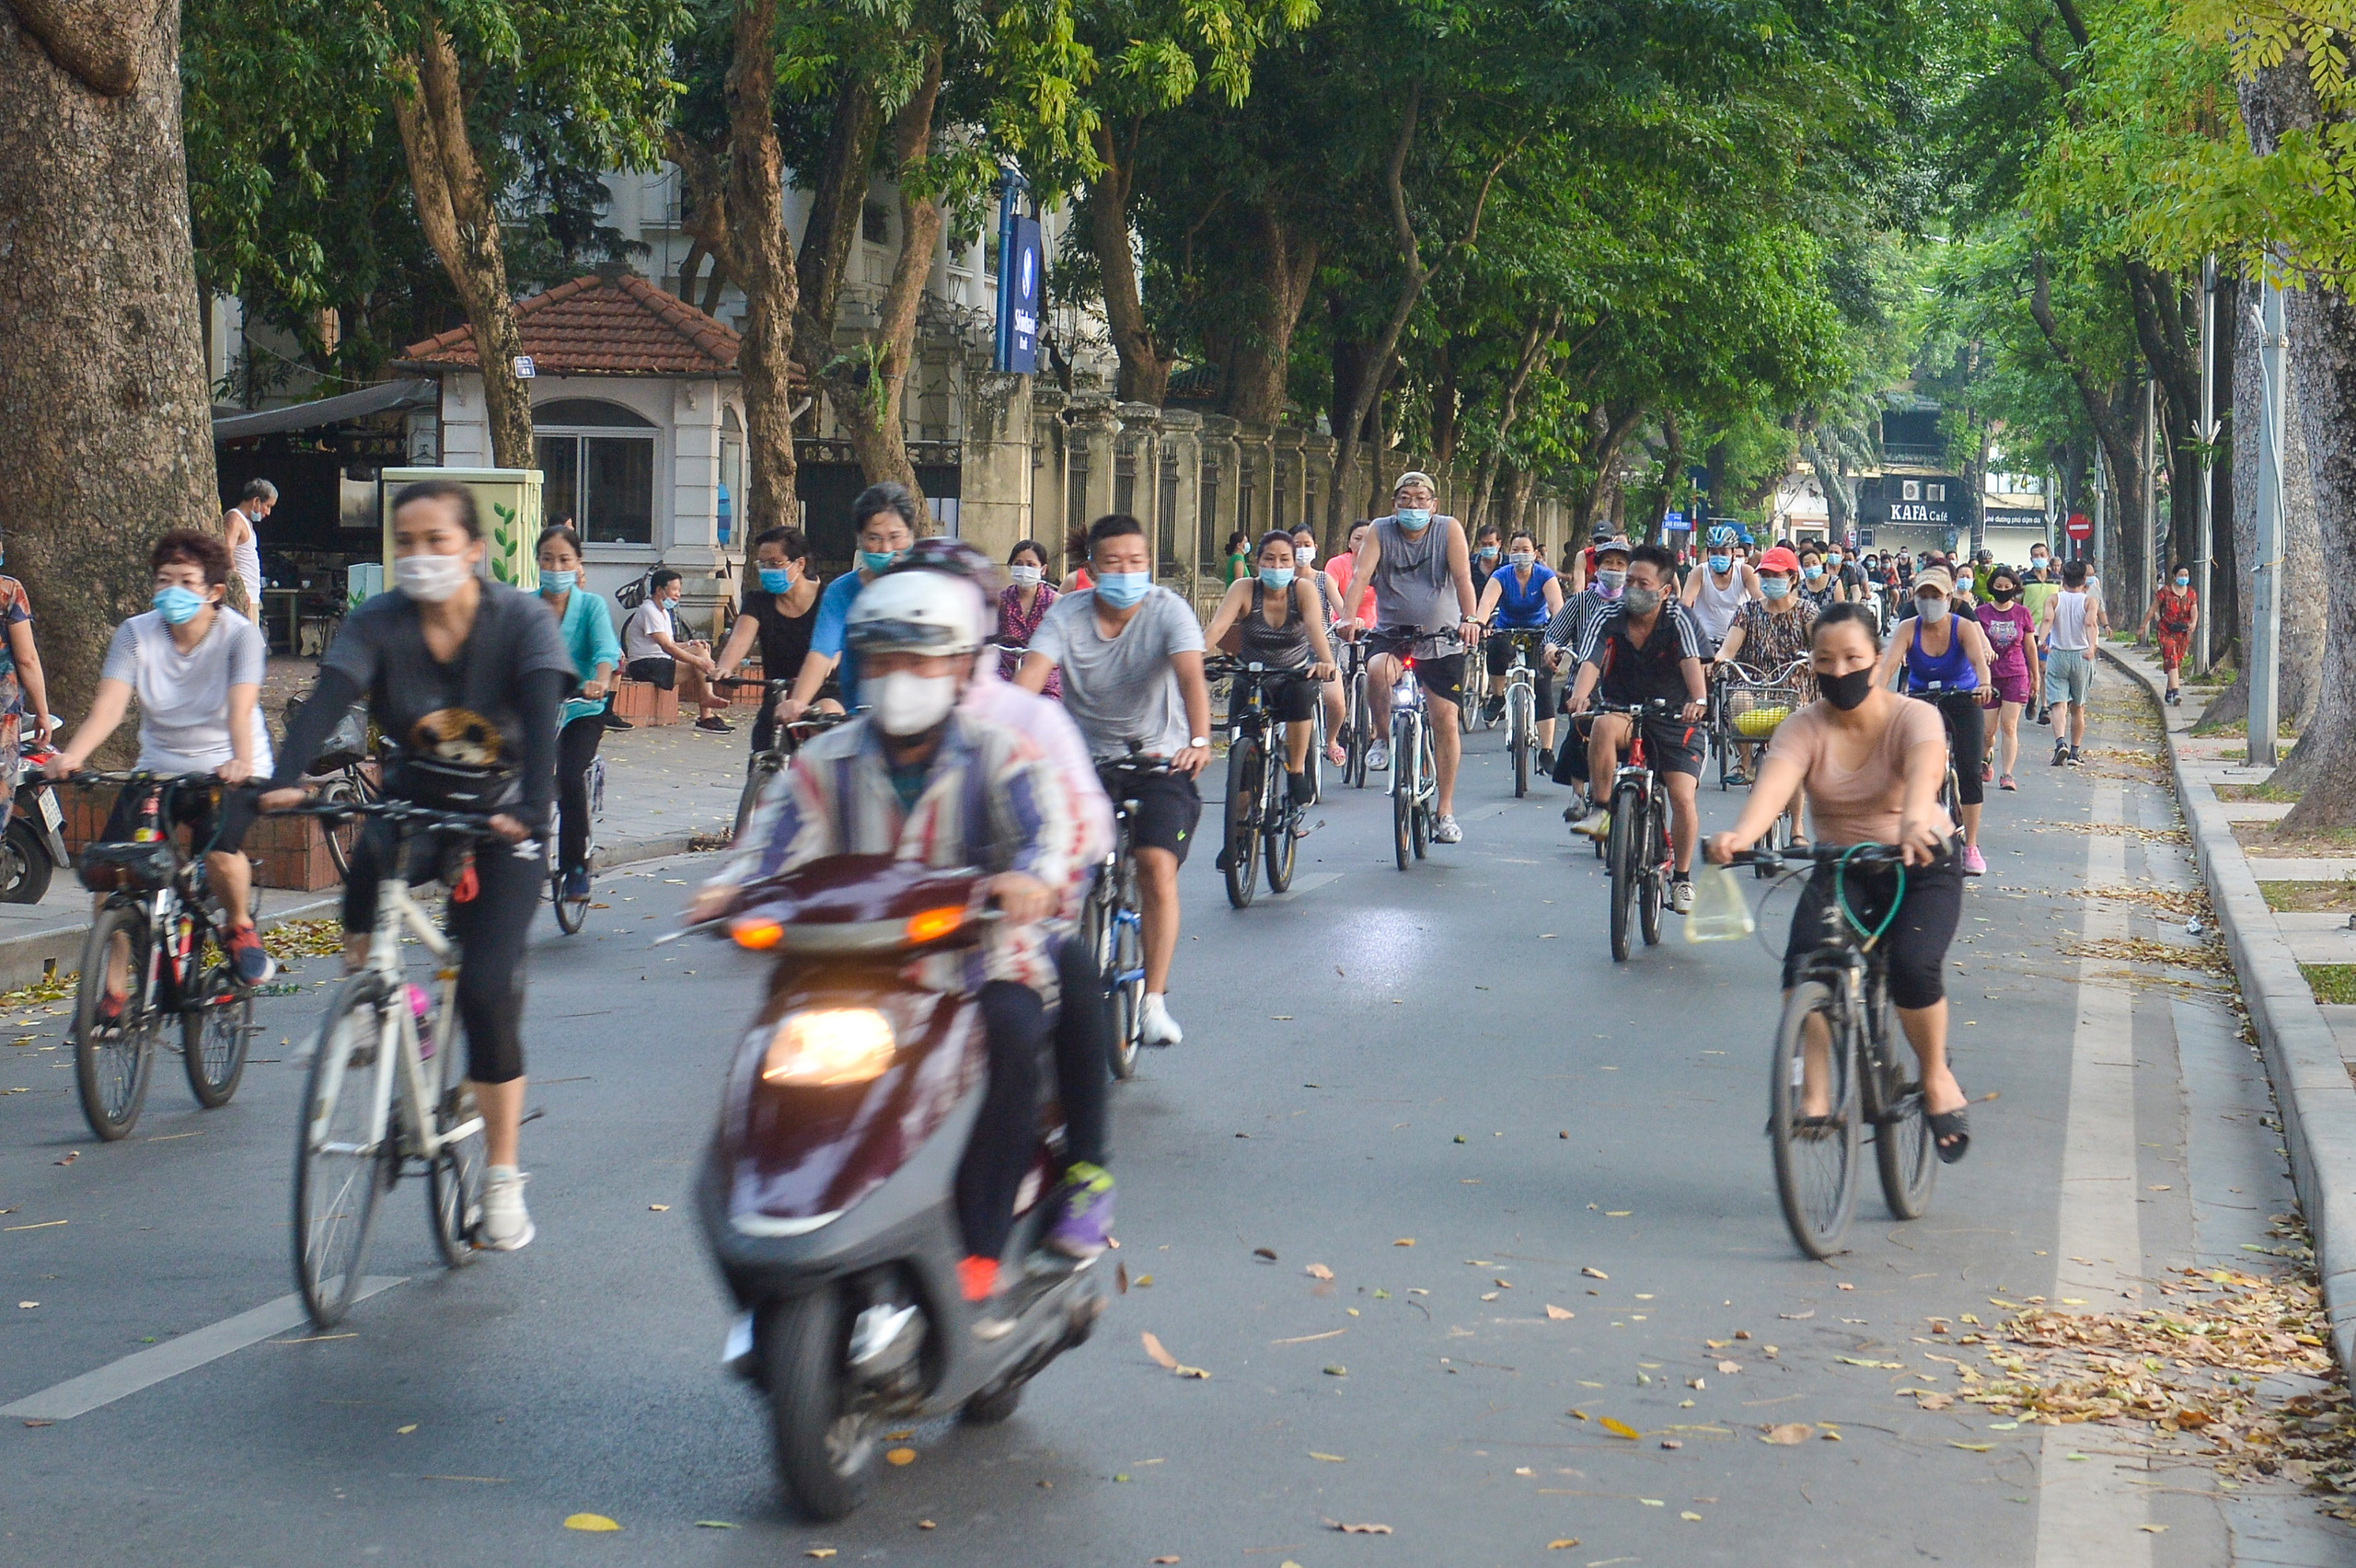 Hàng trăm người dân tập thể dục, đạp xe quanh hồ Gươm bất chấp dịch quy định phòng dịch Covid-19 - Ảnh 4.